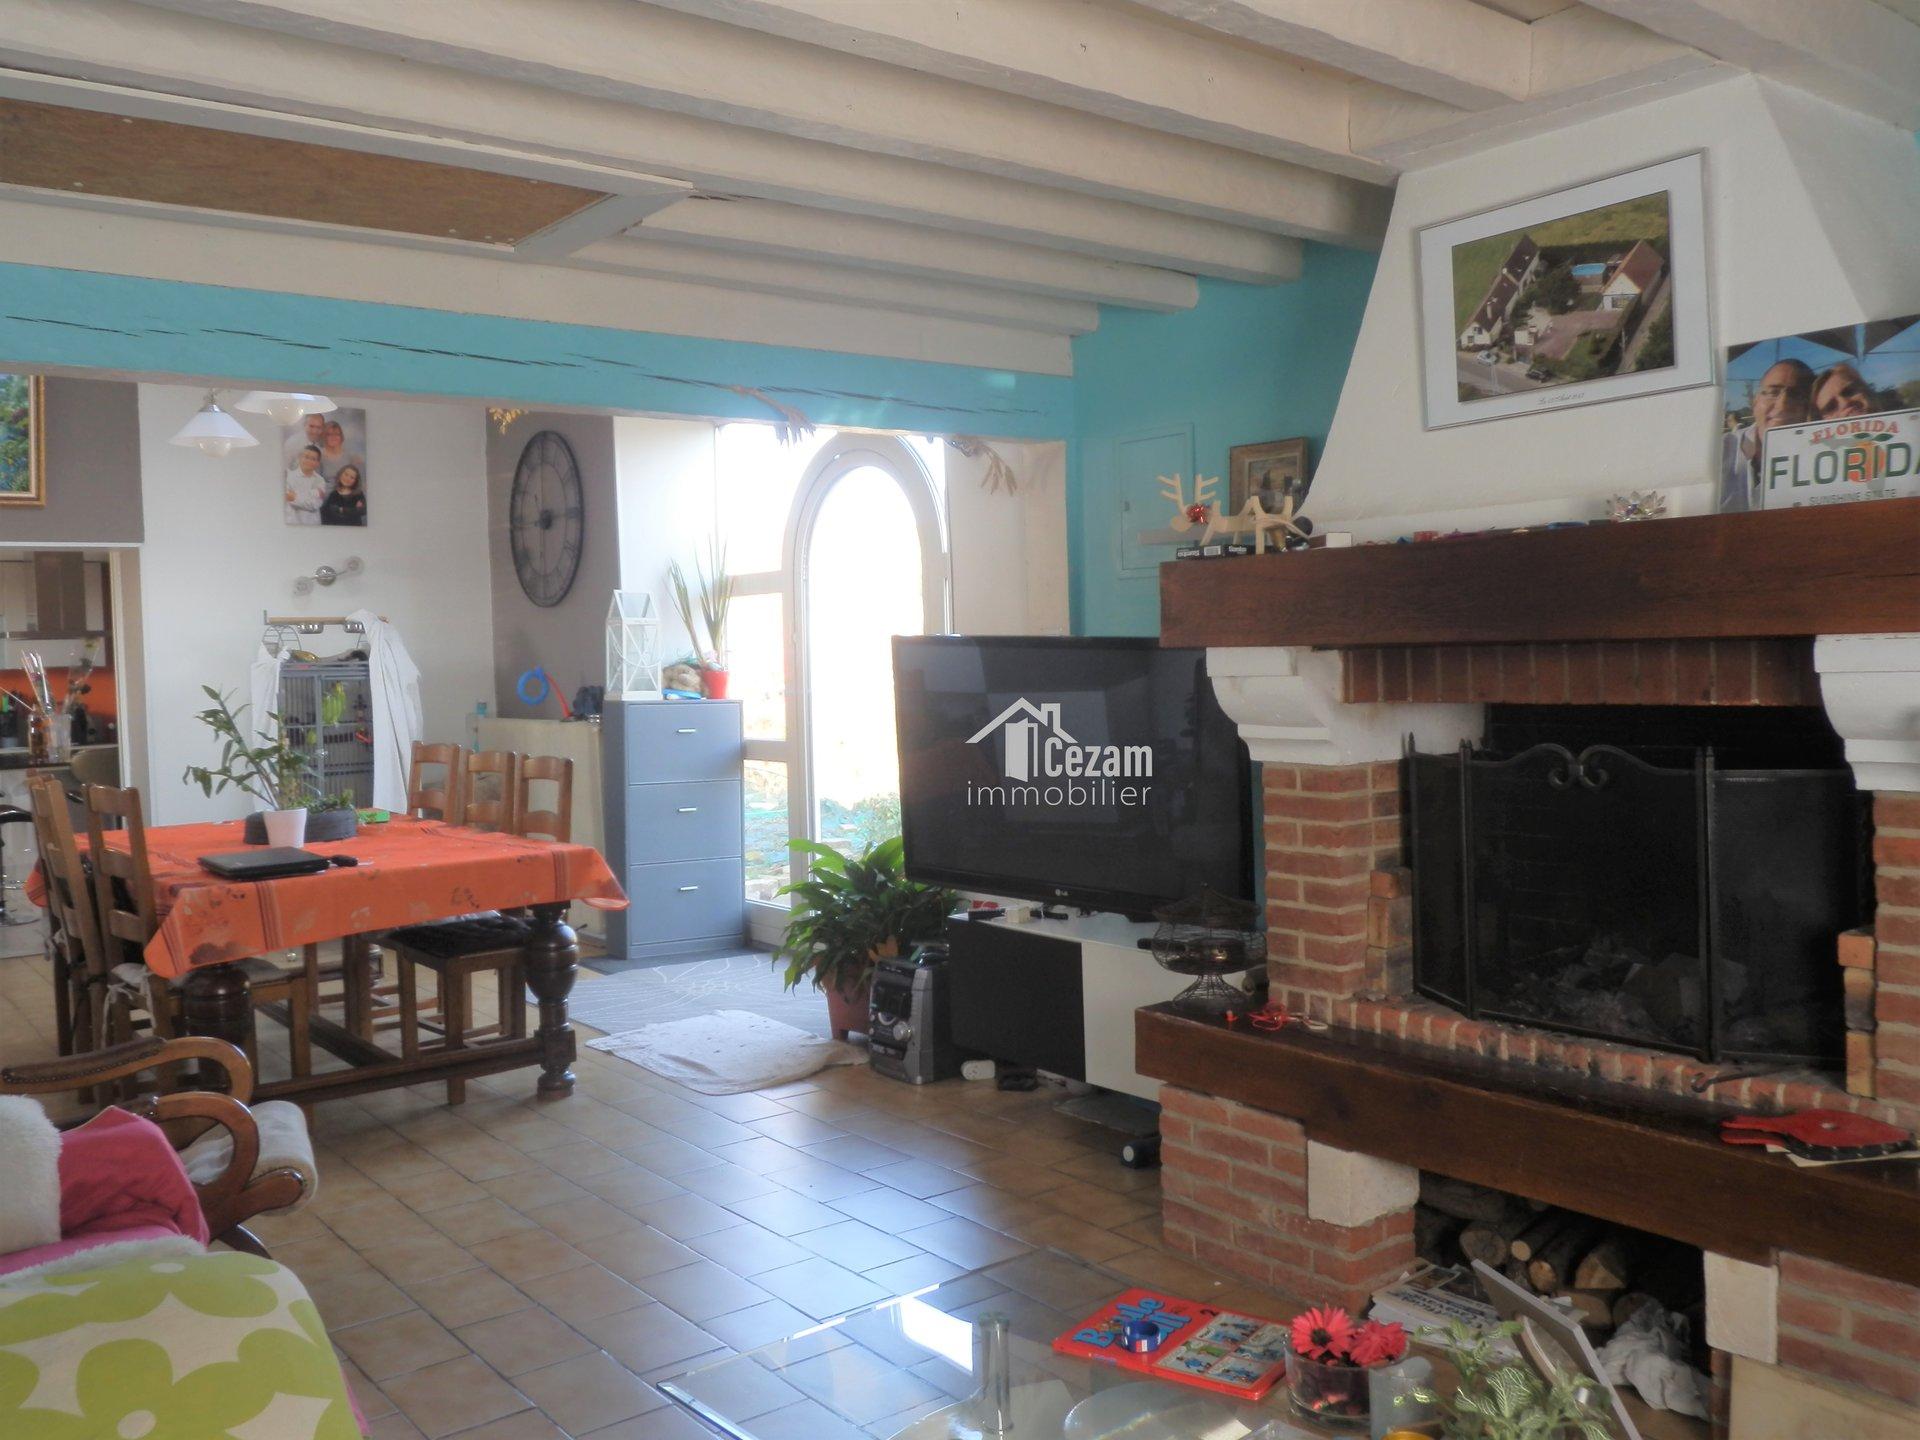 Maison à vendre Axe Louviers/Gaillon 27400 - 27600